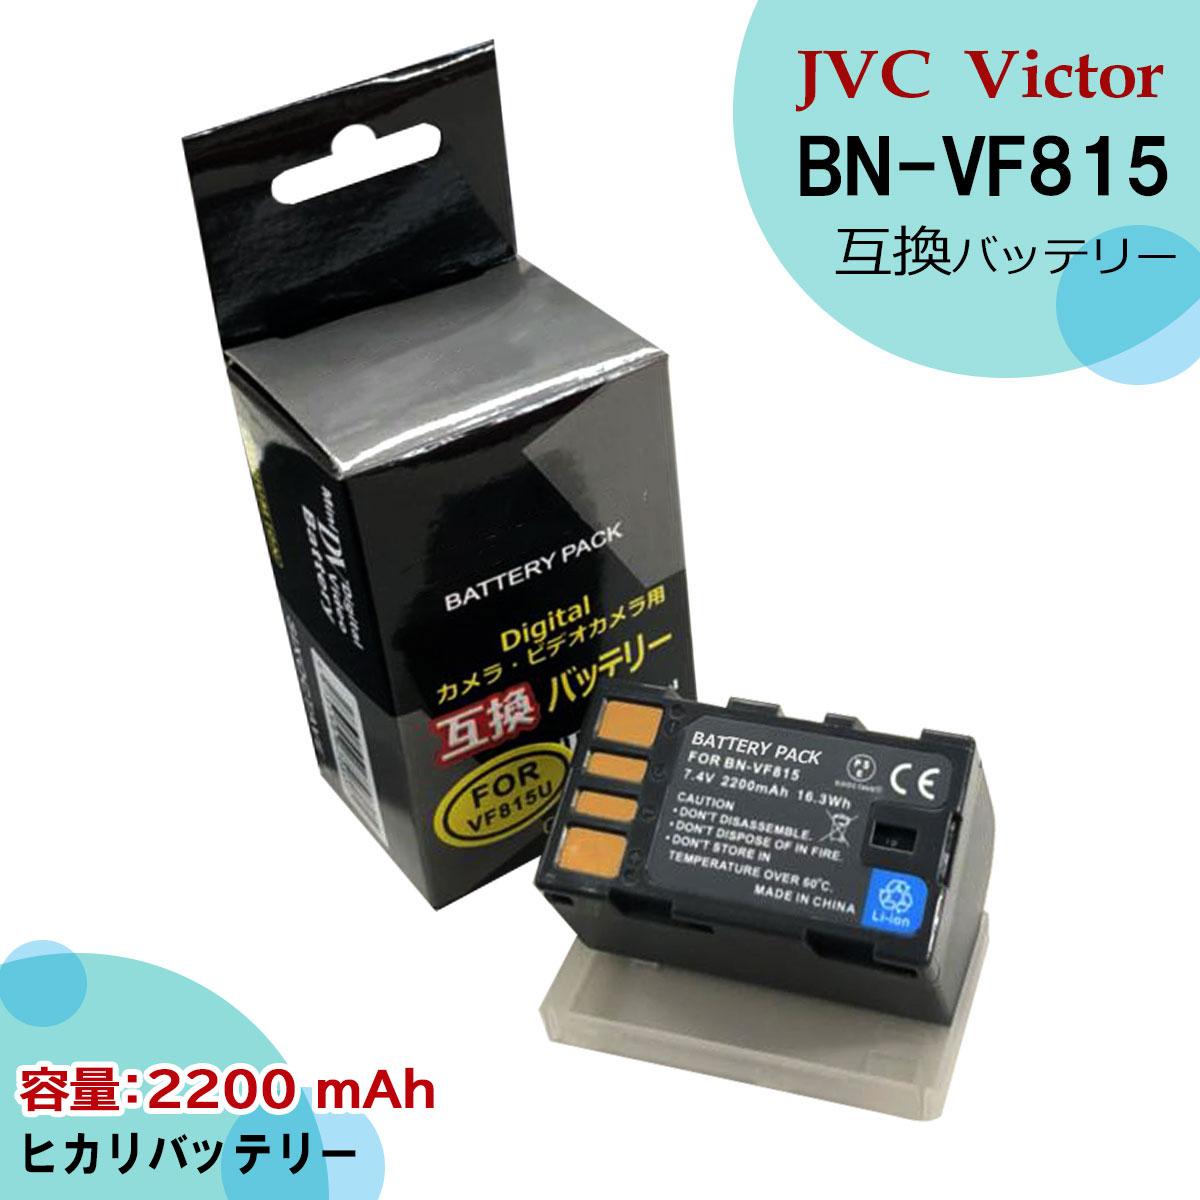 送料無料 ≪安心保証付き≫ Victor BN-VF815 互換 代品交換バッテリー 1点 GZ-MG730 GZ-MG740 GZ-MG840 GZ-MG880 GZ-MS100 GZ-MS101 GZ-MS120 GZ-MS130 JY-HM70 JY-HM90 残量表示可能ビデオカメラ、ハードディスクムービー 端子保護カバー付き